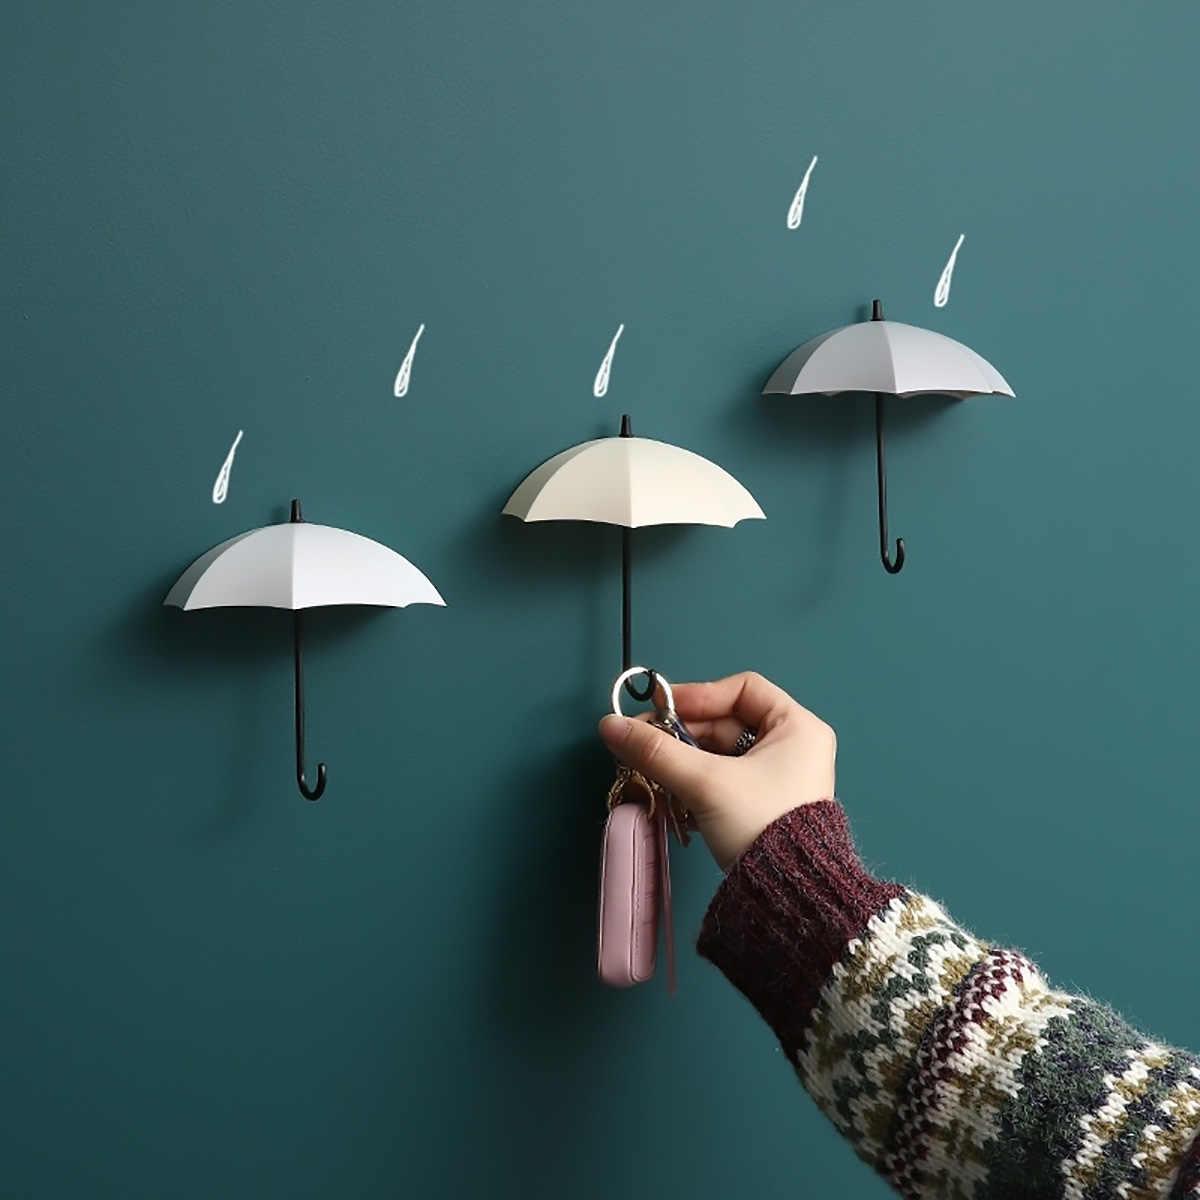 3 個クリエイティブ形収納フック送料爪シングル壁フック小型装飾家の装飾壁フックキーヘアピンホルダー